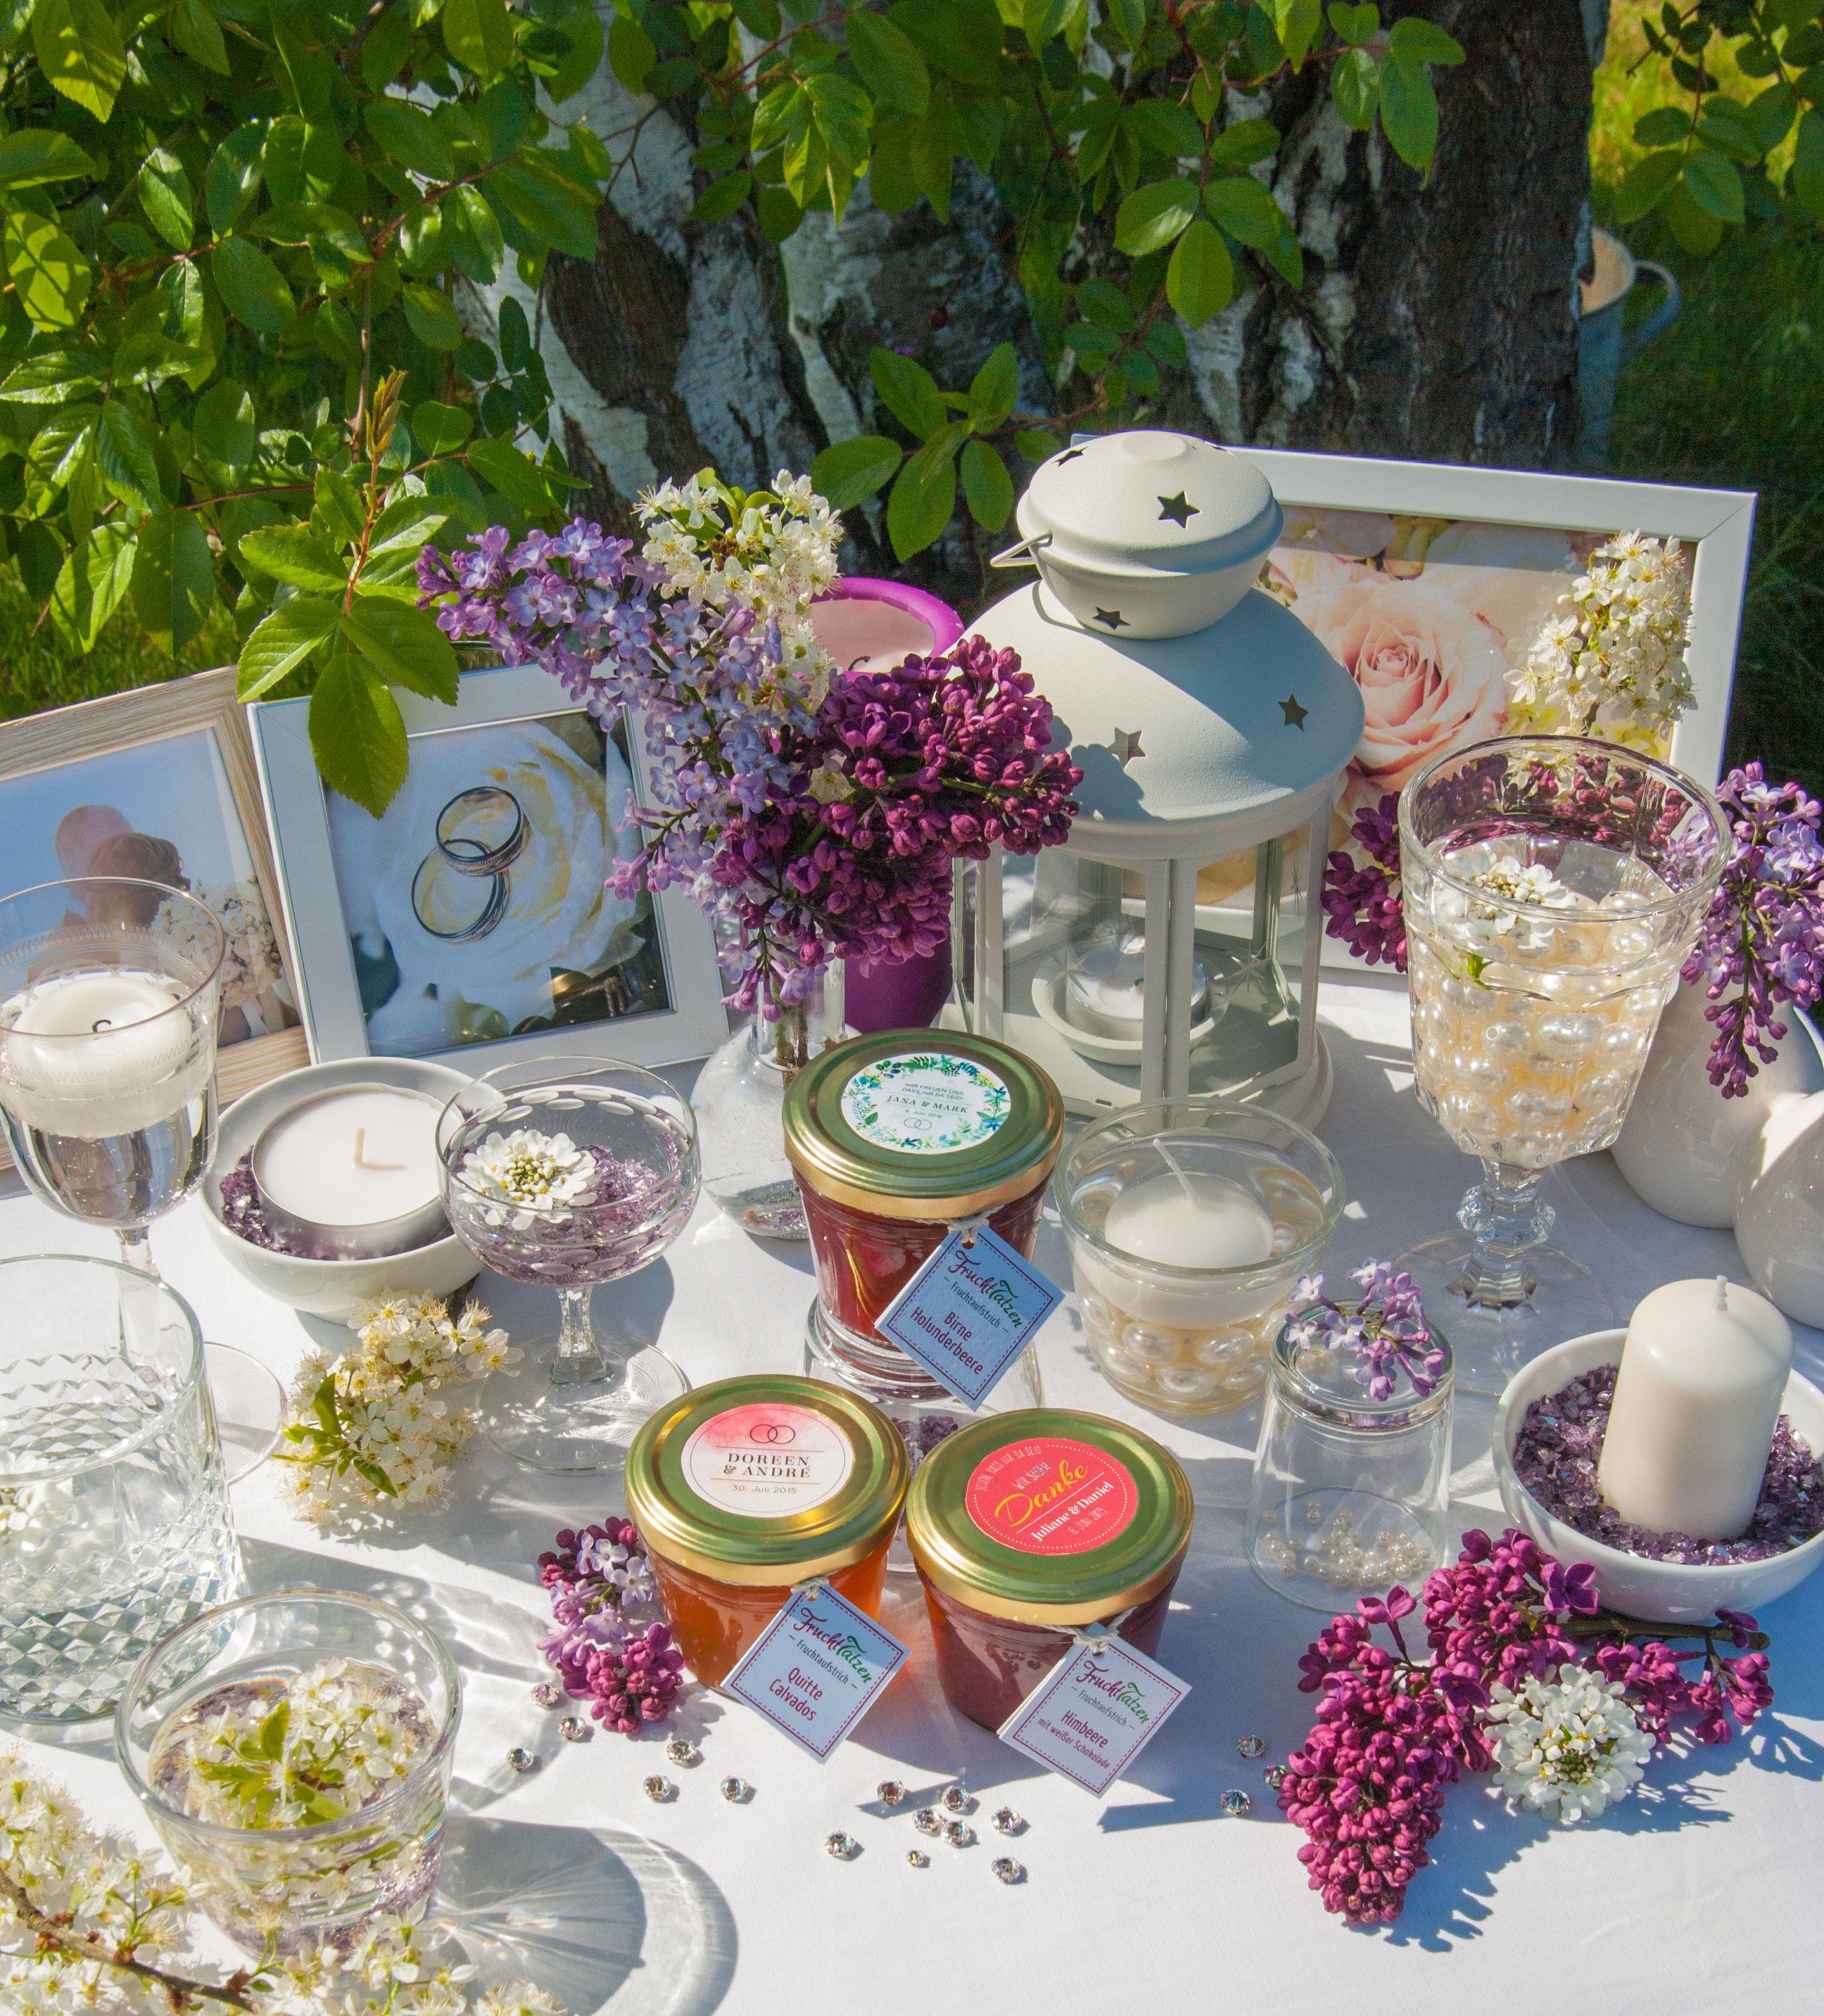 individuelle Gastgeschenke zur Hochzeit, kleine Marmeladen für jeden Gast - aus der Marmeladenmanufaktur Fruchttatzen.de